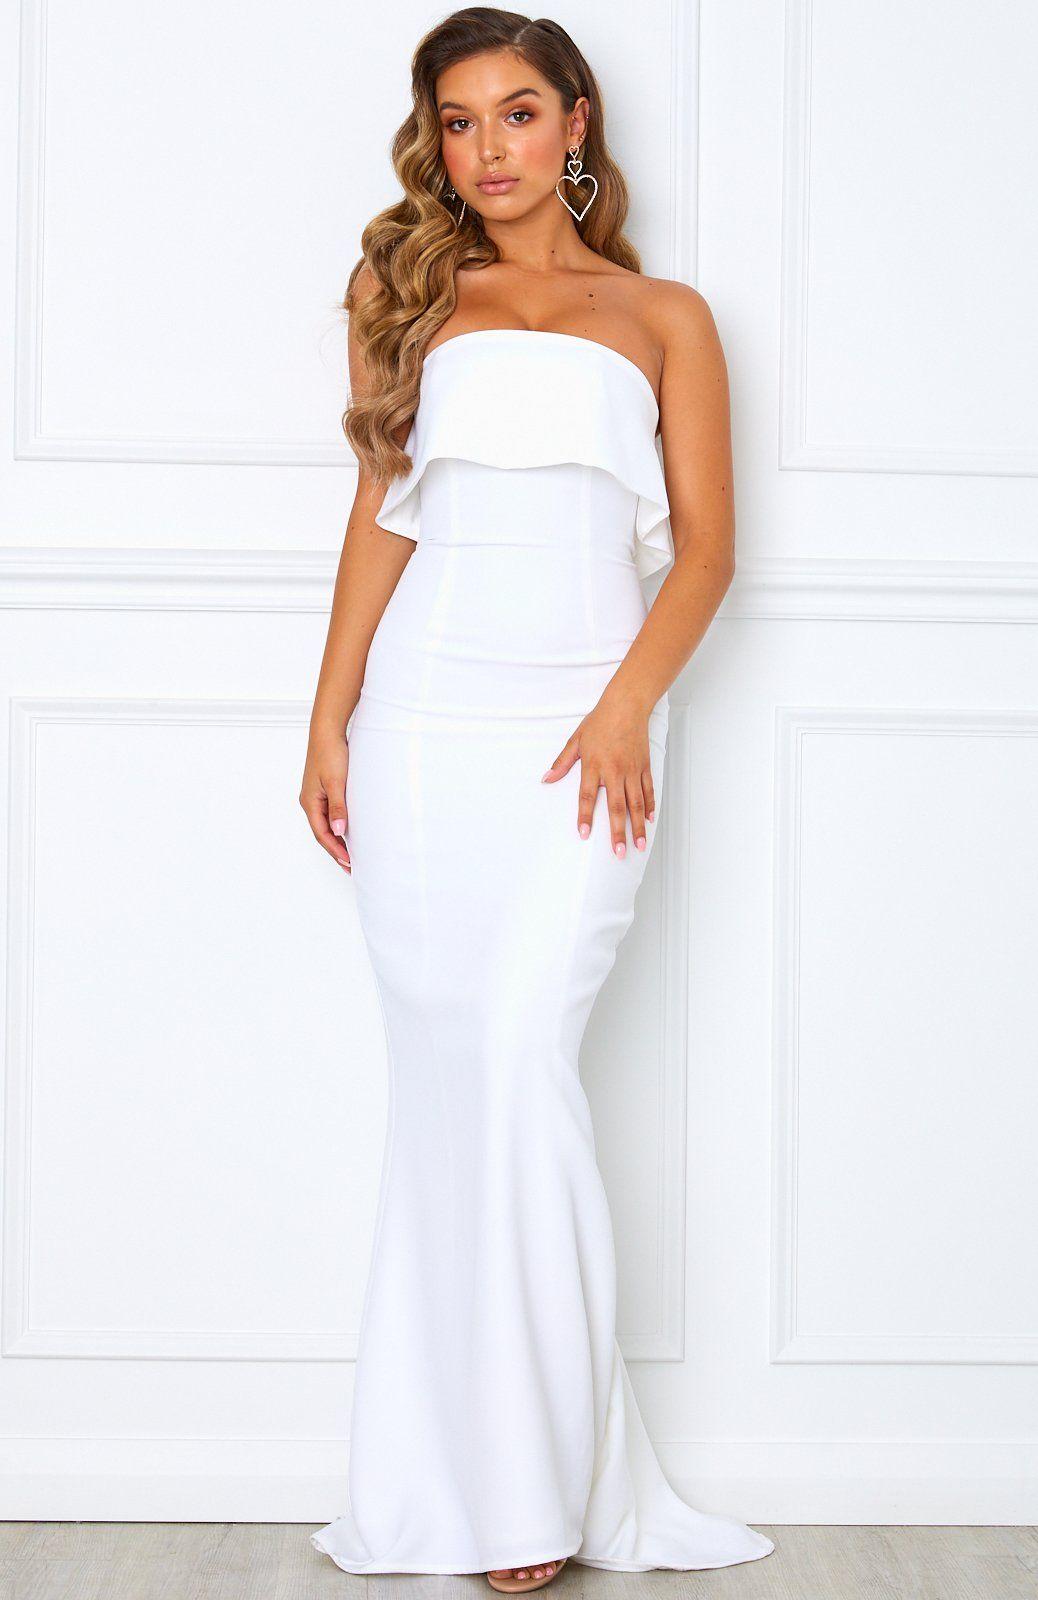 Aubrey Maxi Dress White In 2021 White Maxi Dress Wedding White Maxi Dresses Maxi Dress [ 1600 x 1038 Pixel ]